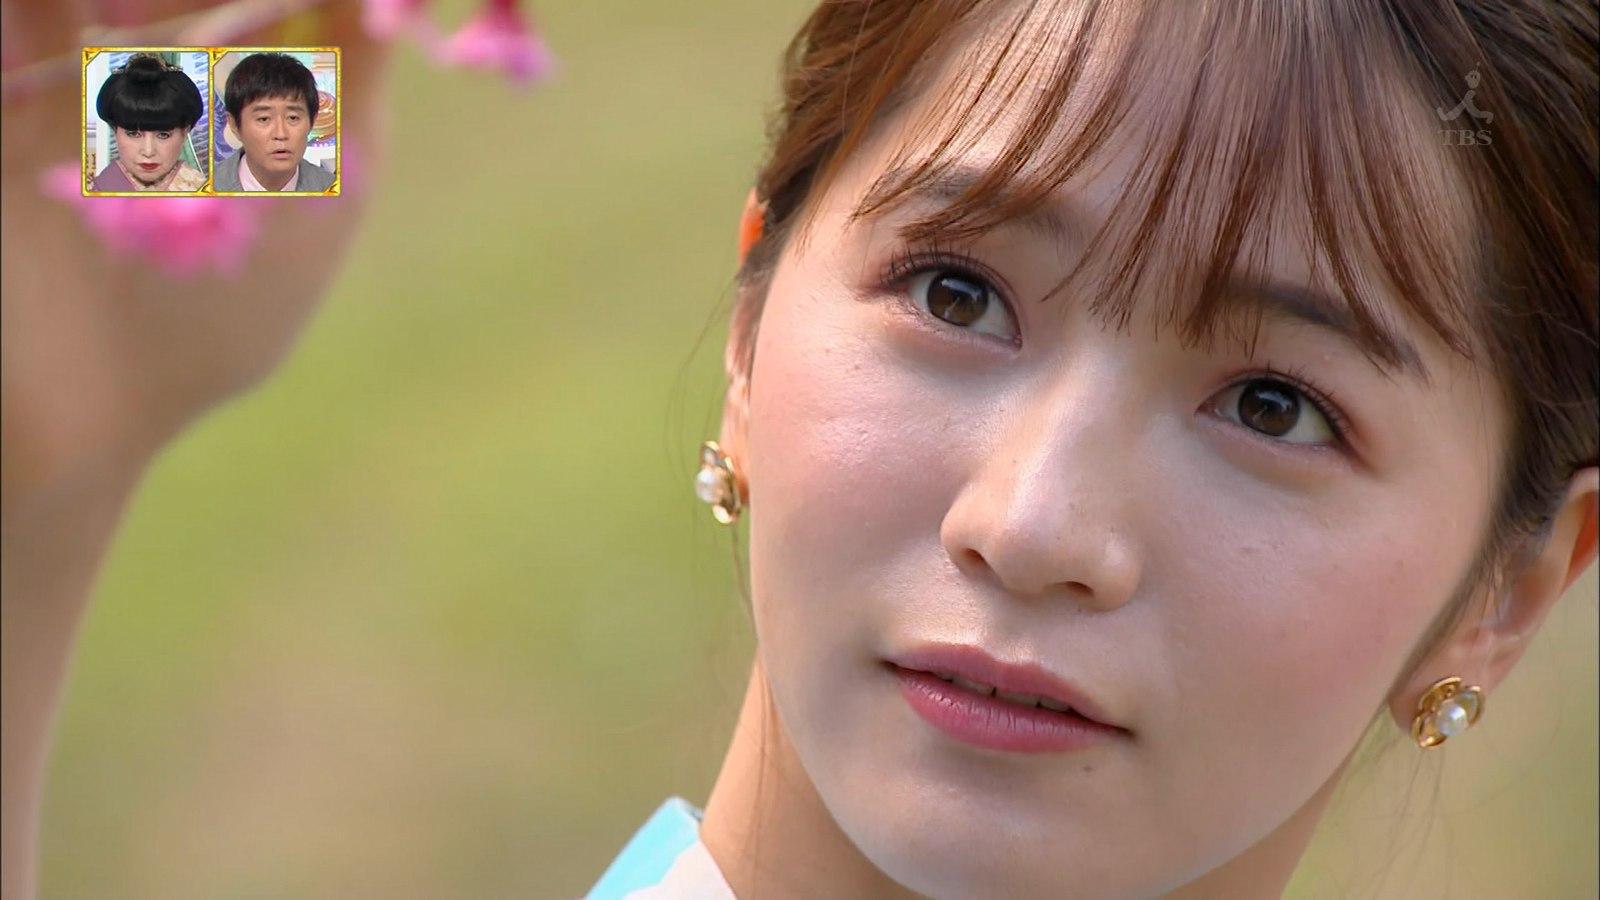 2019年3月16日「世界ふしぎ発見!」のテレビキャプチャー画像-006